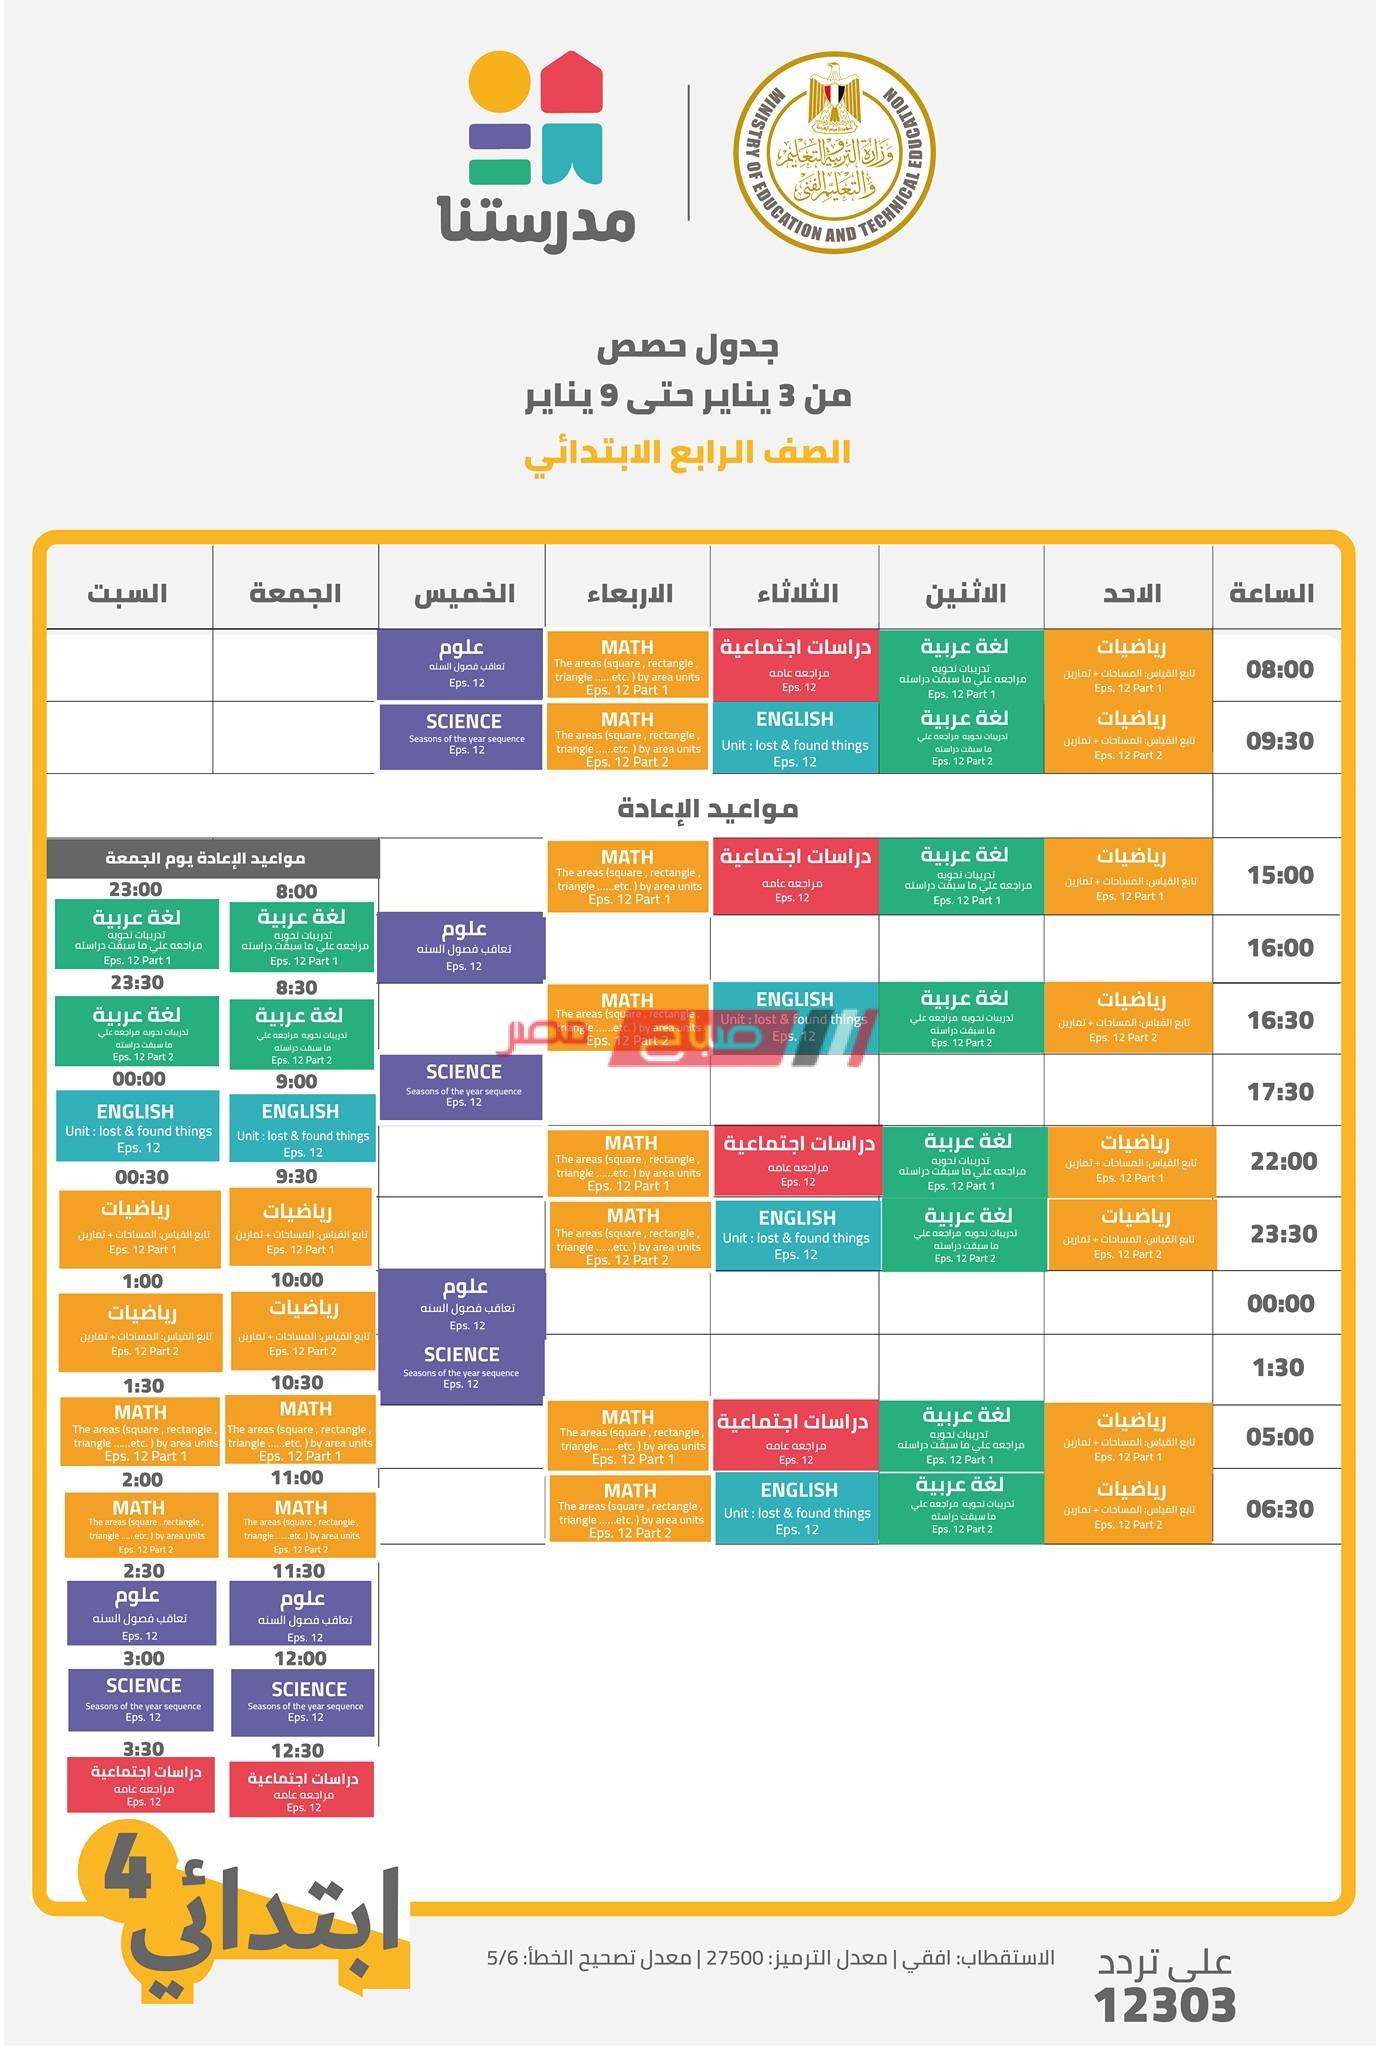 جدول حصص قناة مدرستنا الصف الرابع الابتدائي